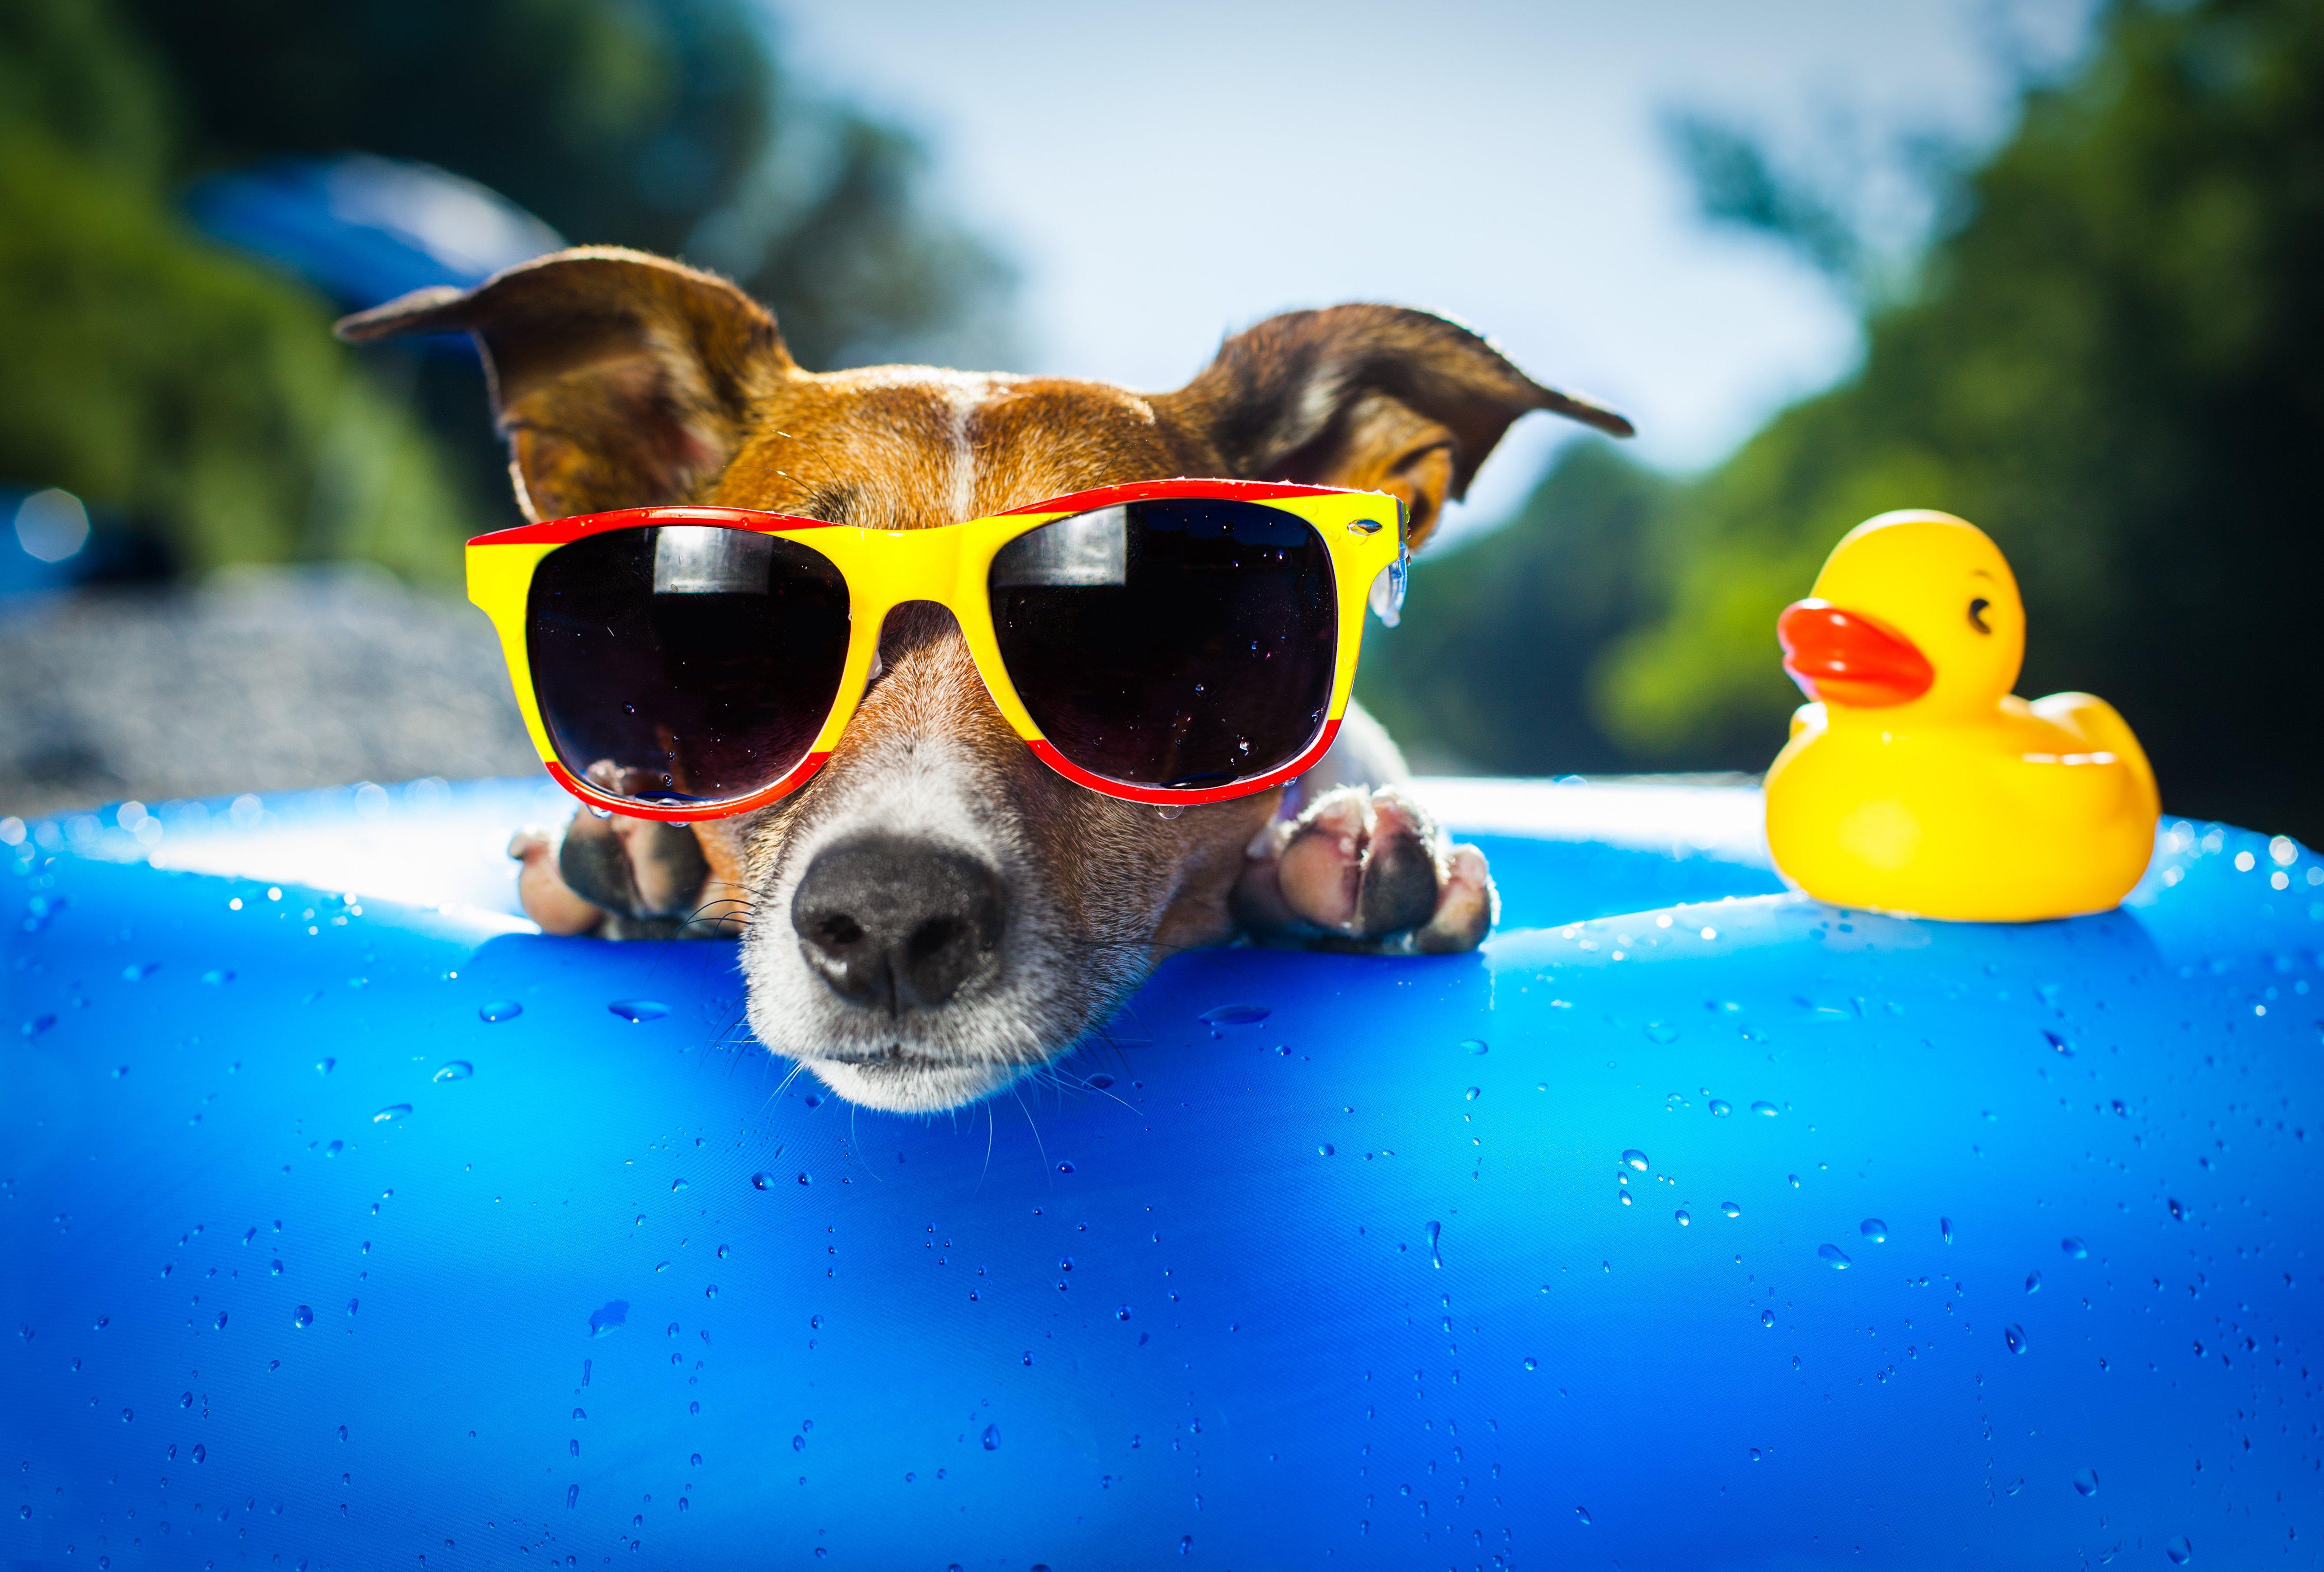 Певец собака юмор очки  № 1527406 бесплатно